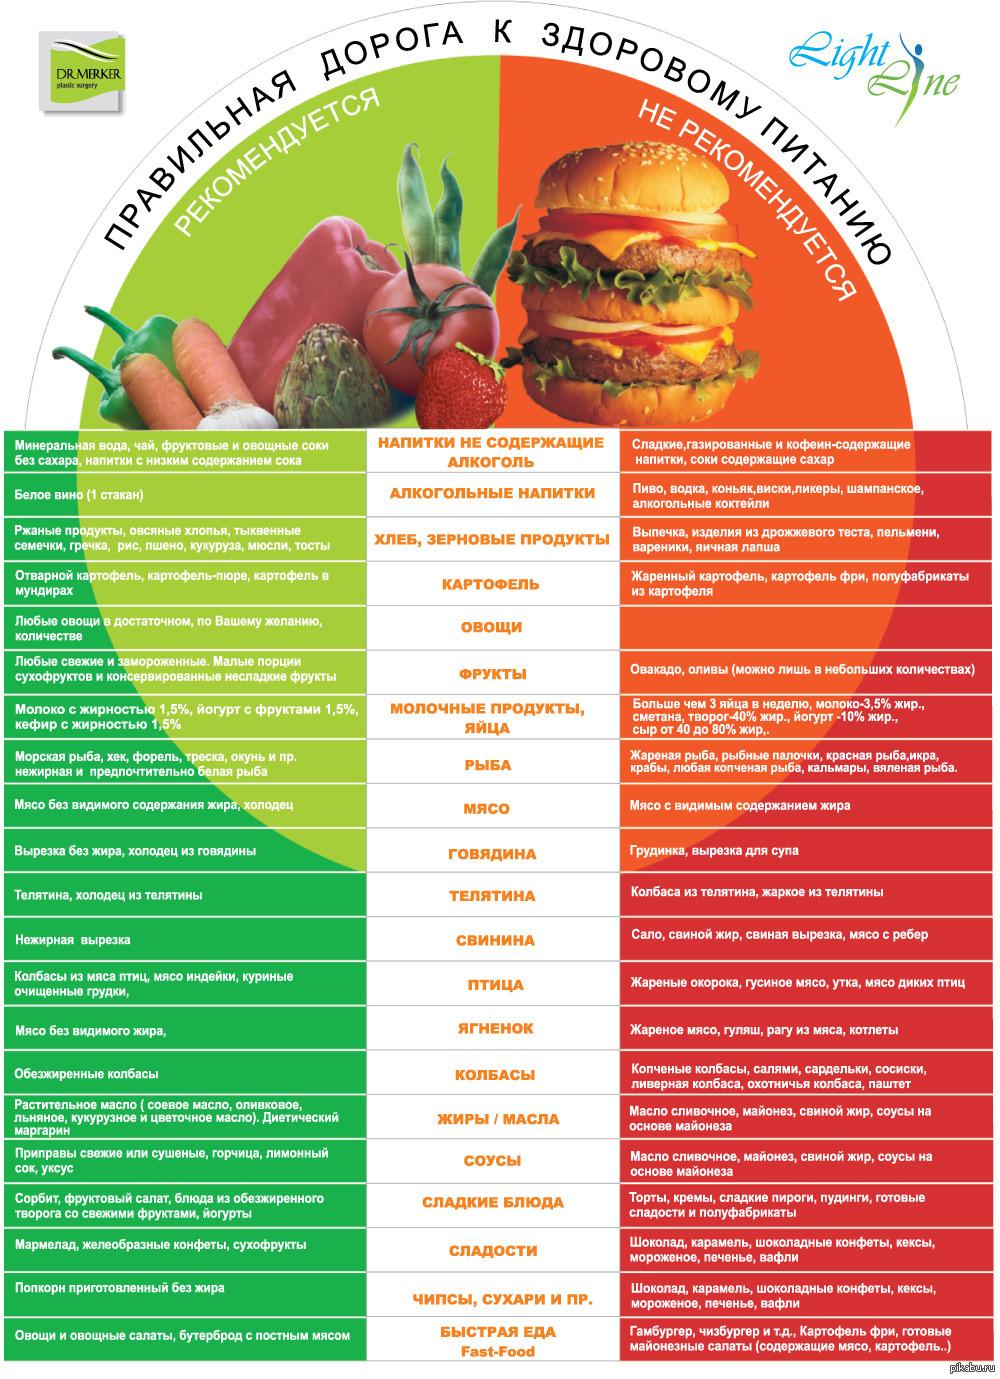 Как правильно сочетать продукты чтобы похудеть схема в таблице